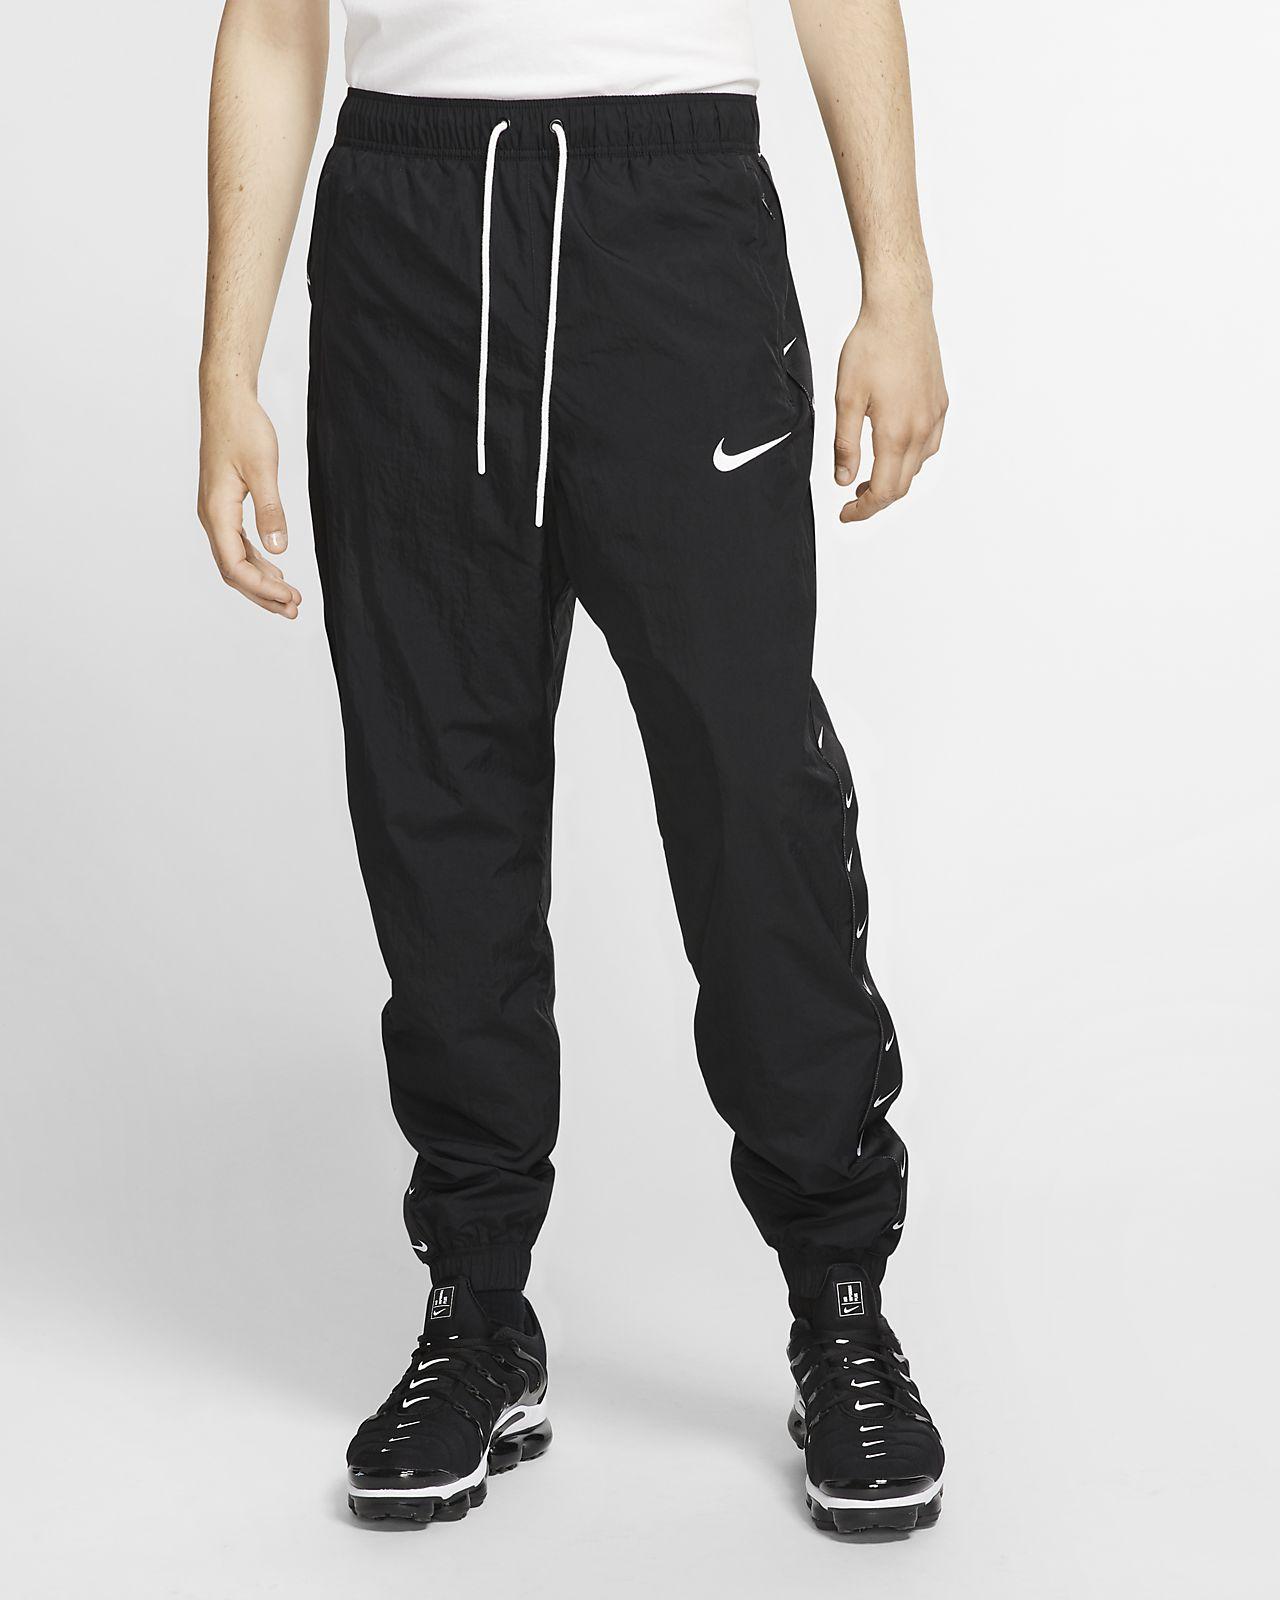 Nike Sportswear Swoosh Men's Woven Trousers